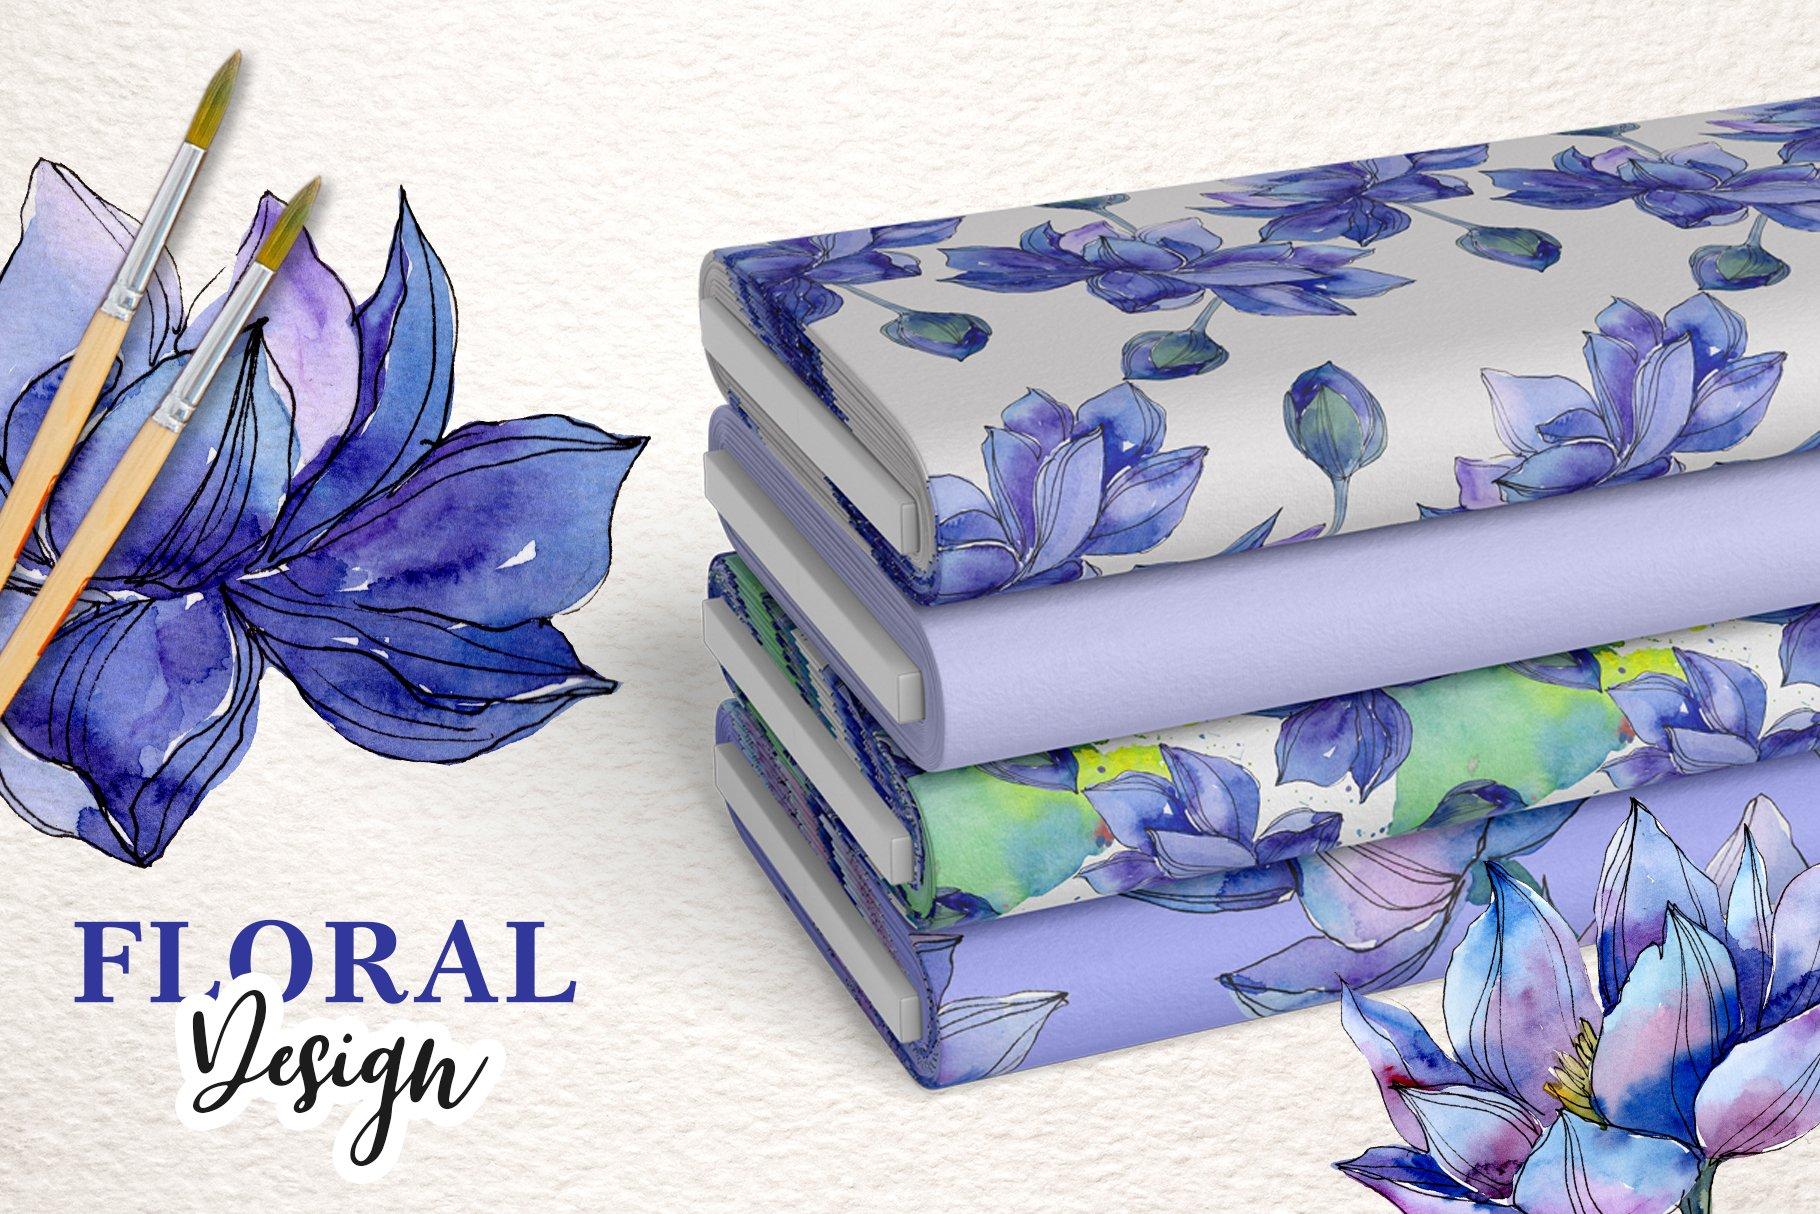 18个高清手绘莲花水彩画PNG免抠图片素材 Watercolor Lotus Set插图(3)